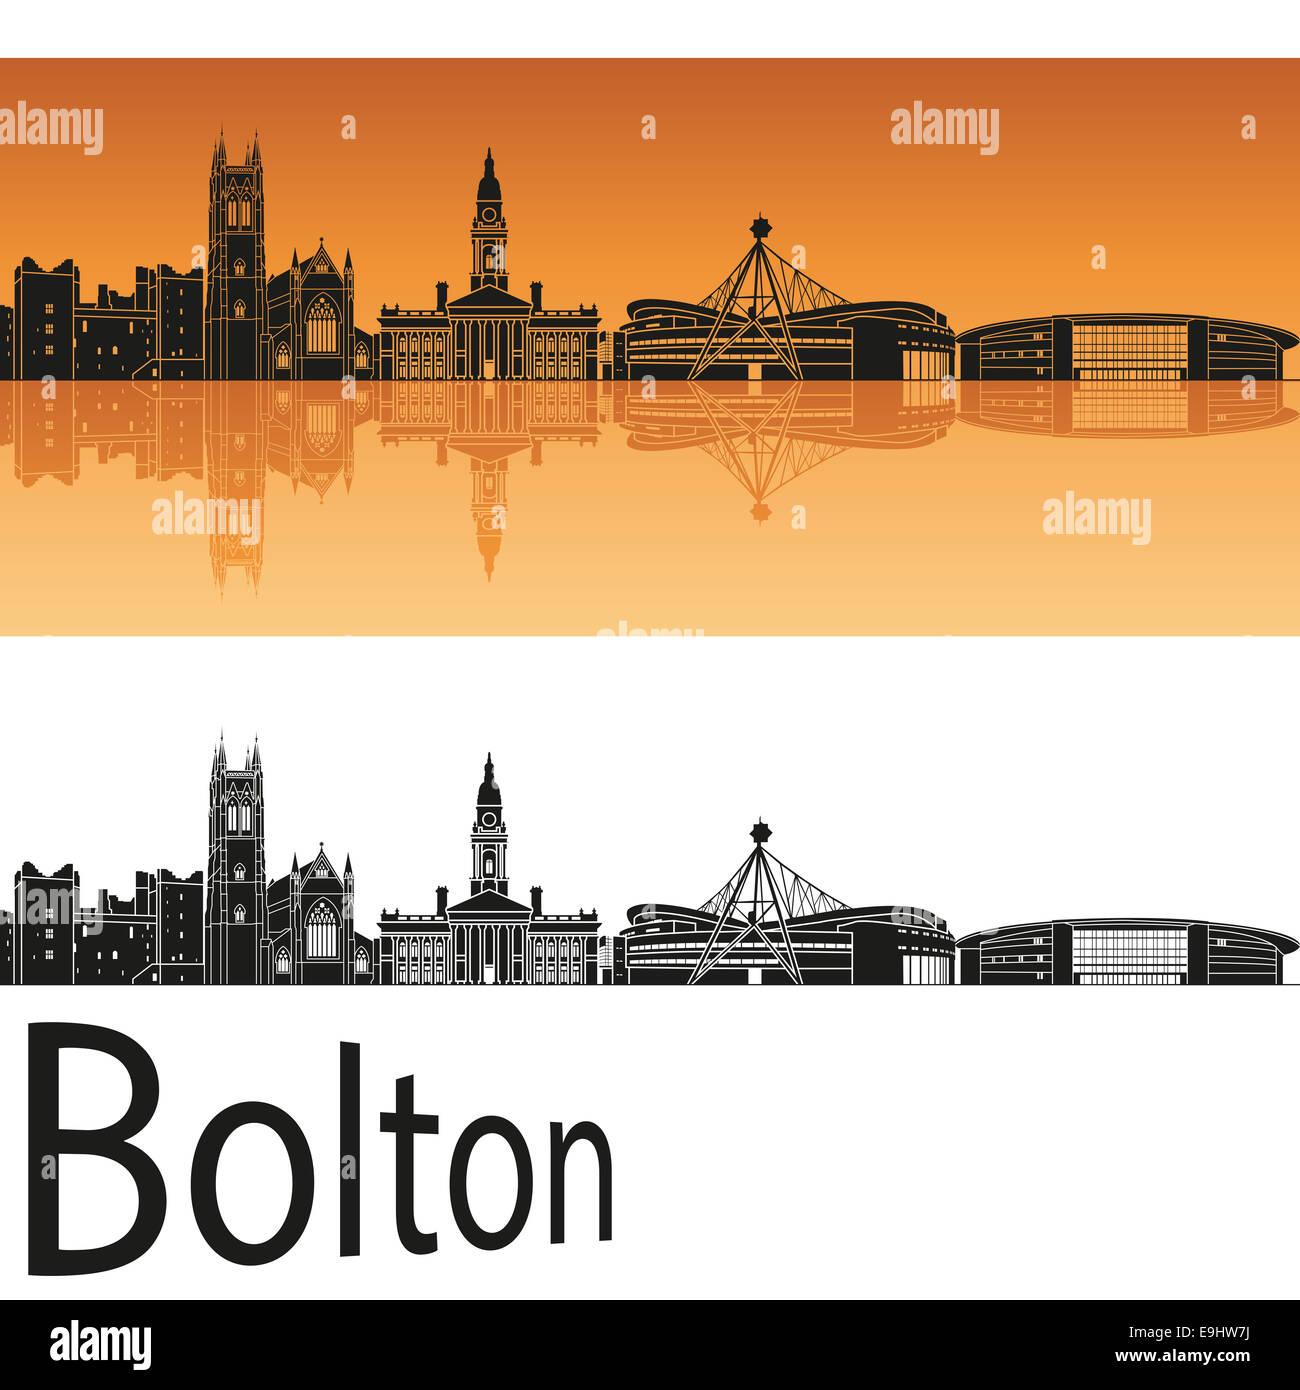 Bolton skyline in orange - Stock Image